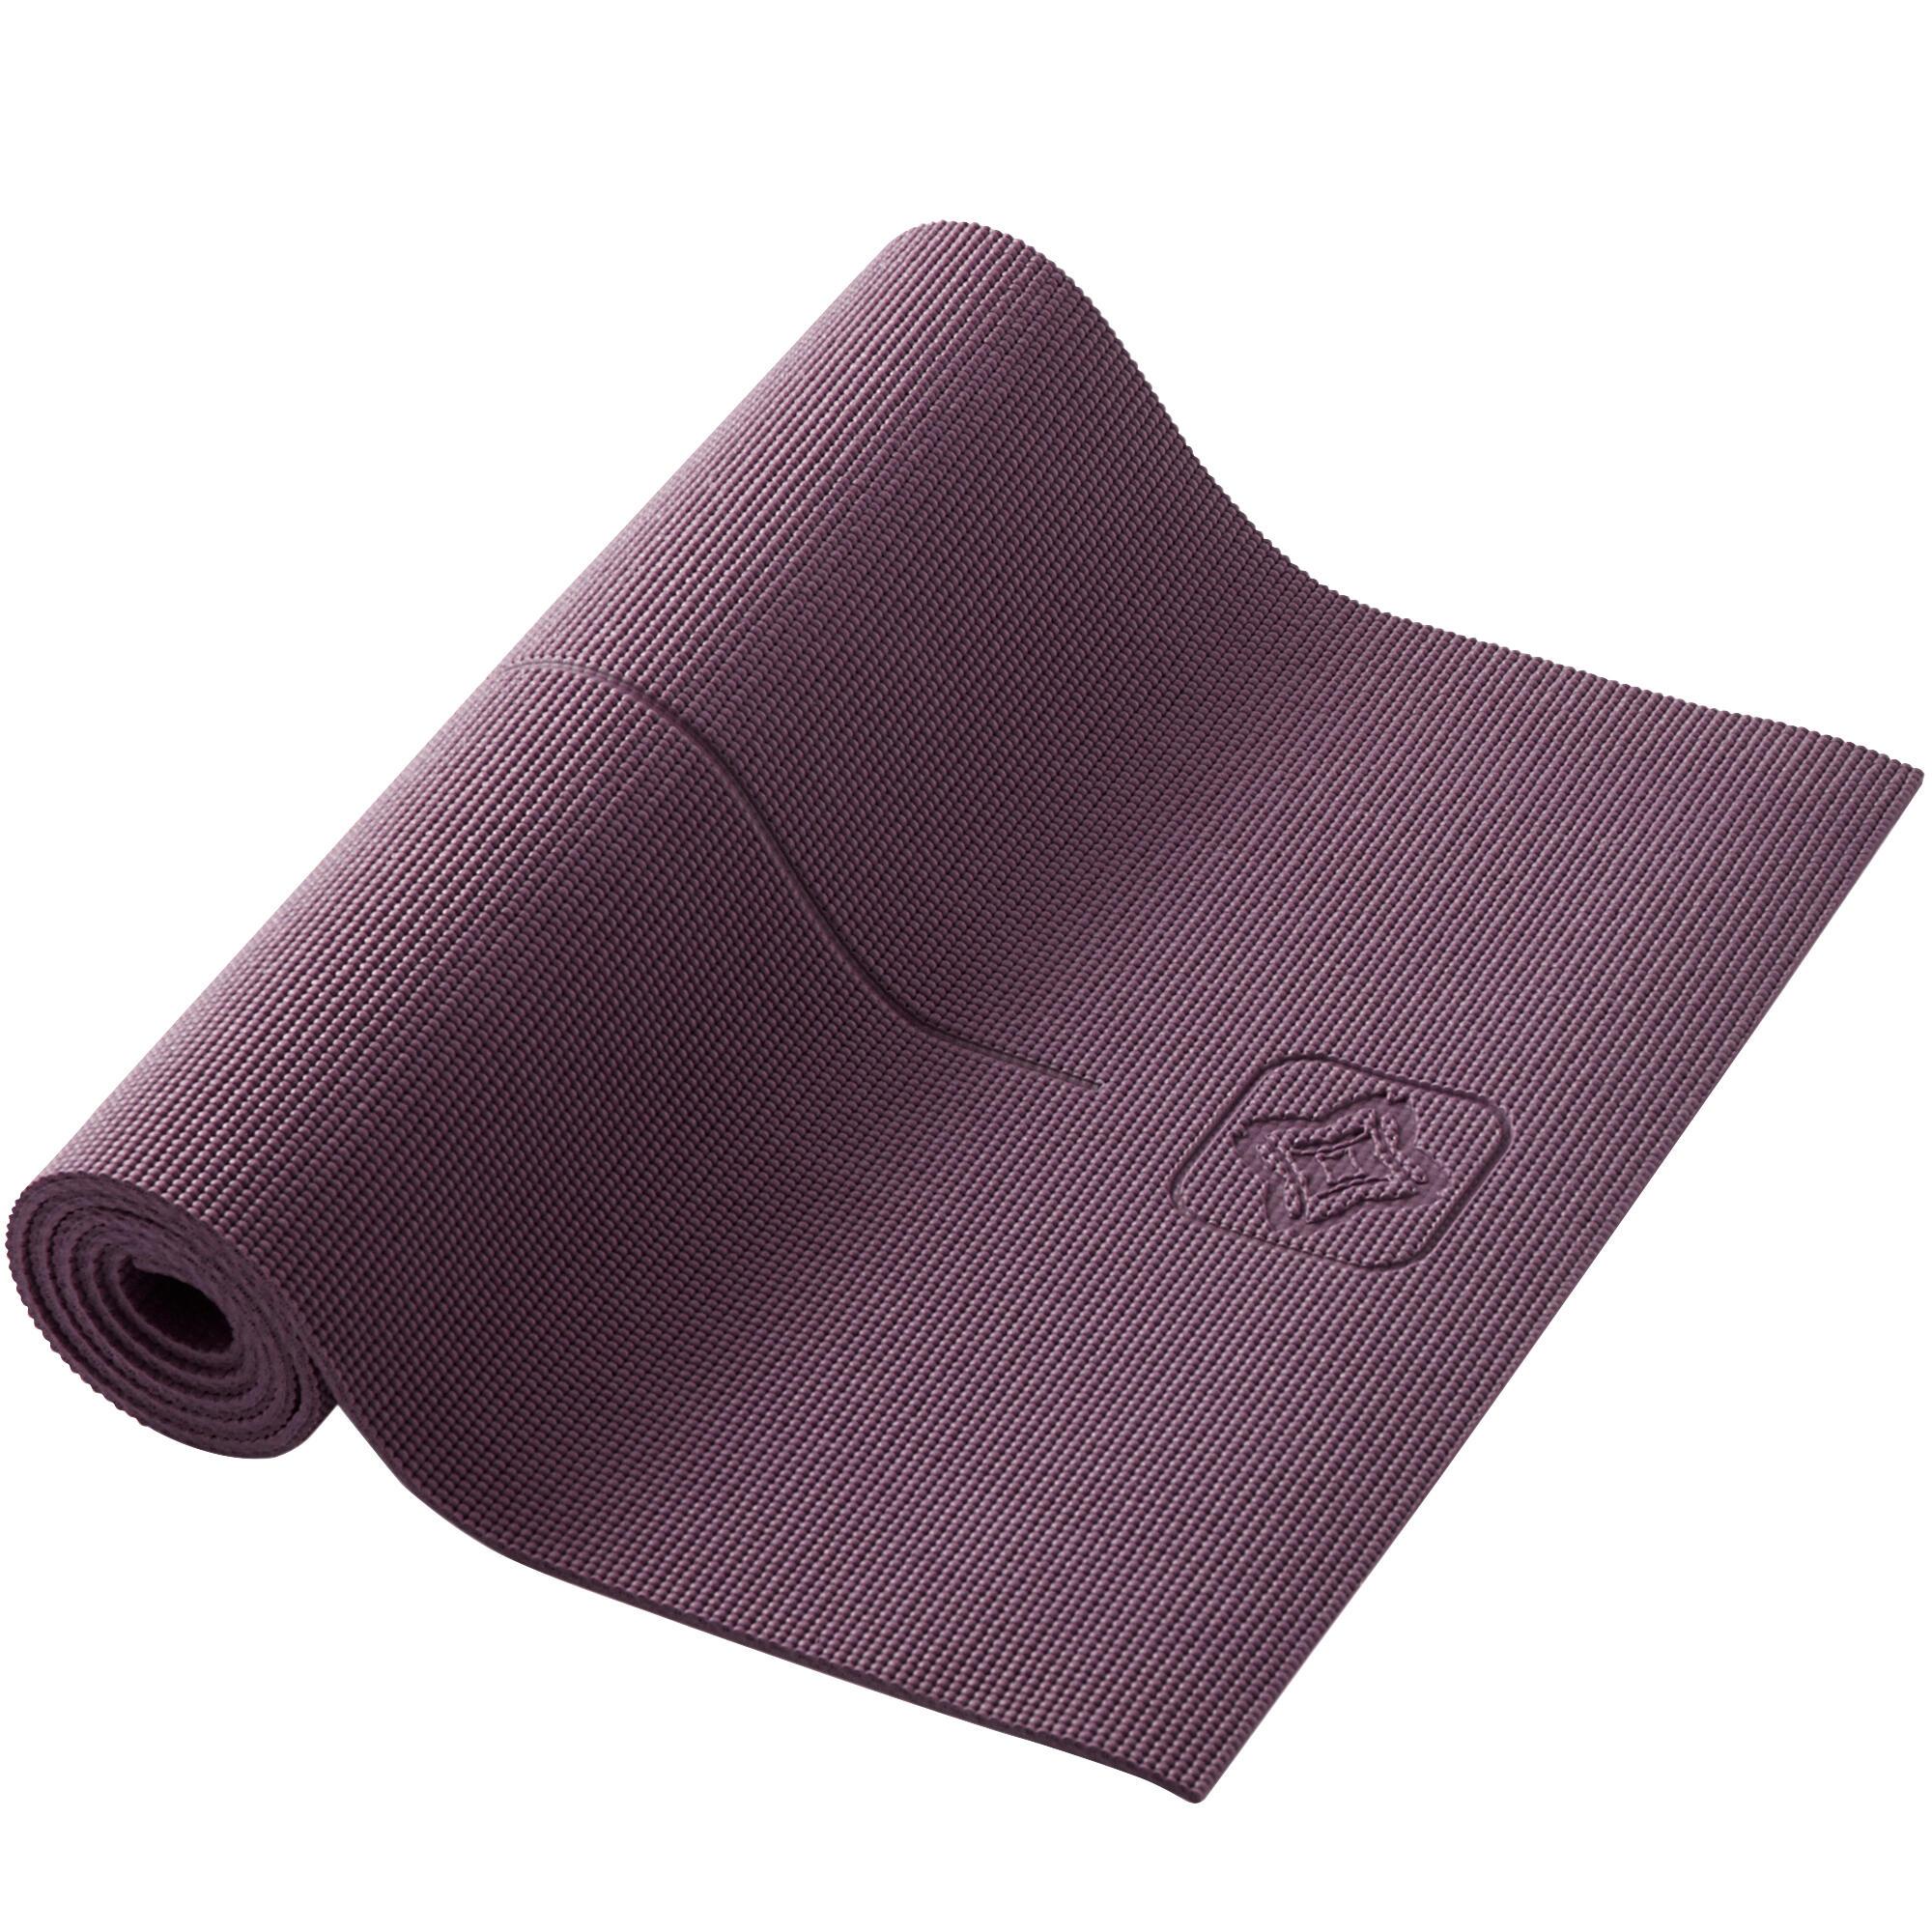 Mat yoga suave burdeo